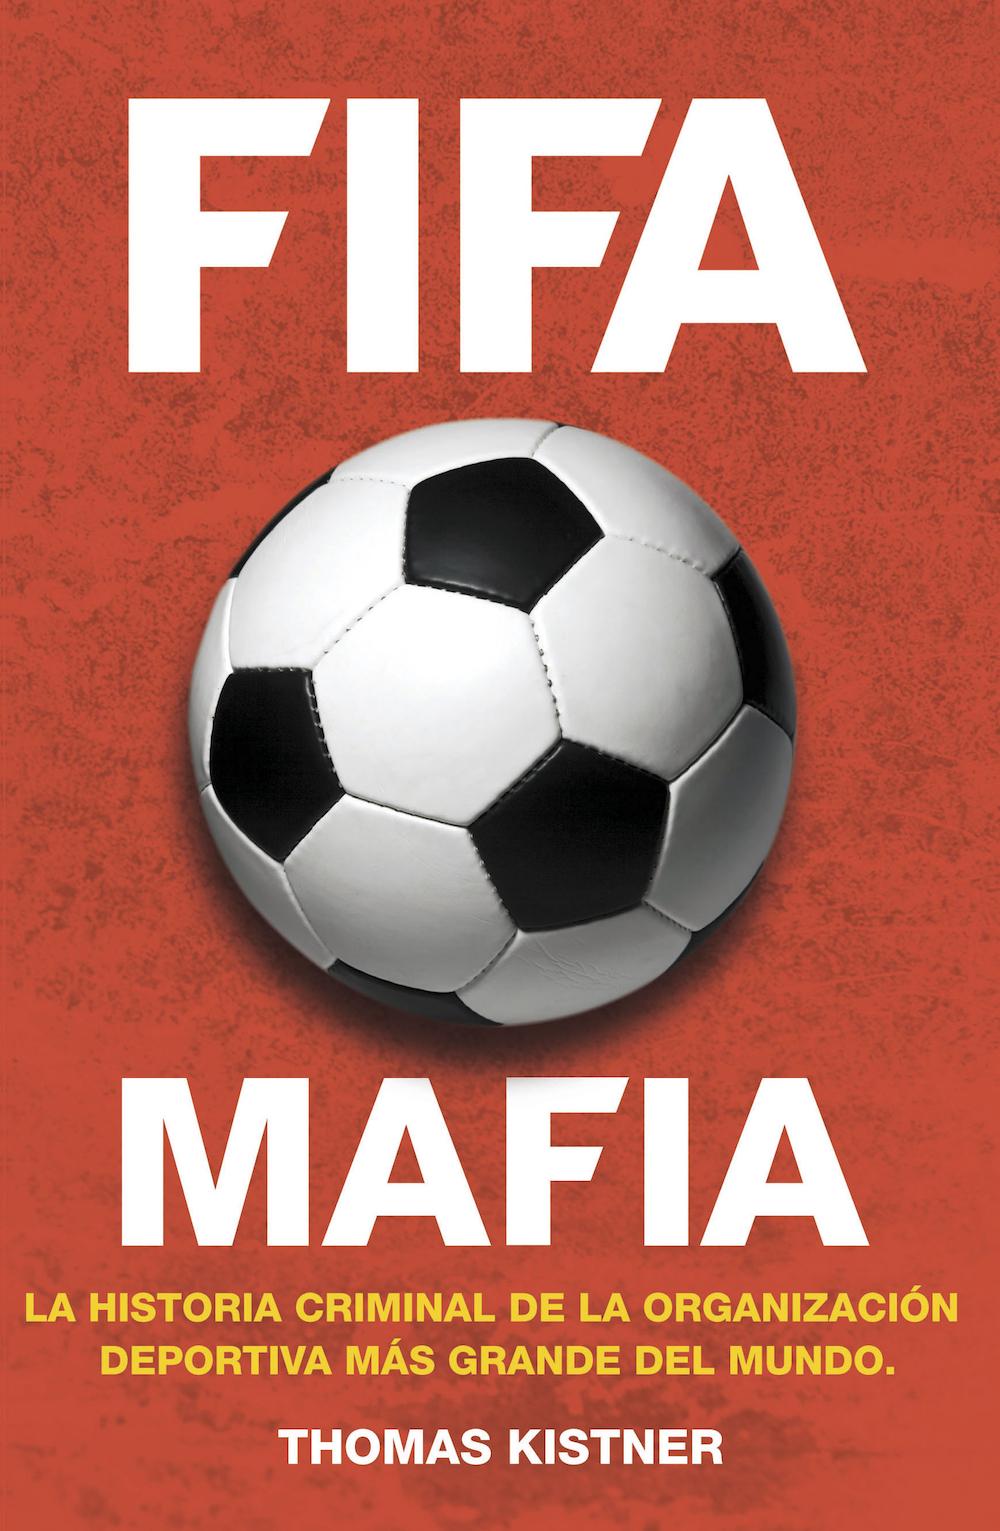 FIFA MAFIA. LA HISTORIA CRIMINAL DE LA ORGANIZACIÓN DEPORTIVA MÁS GRANDE DEL MUNDO